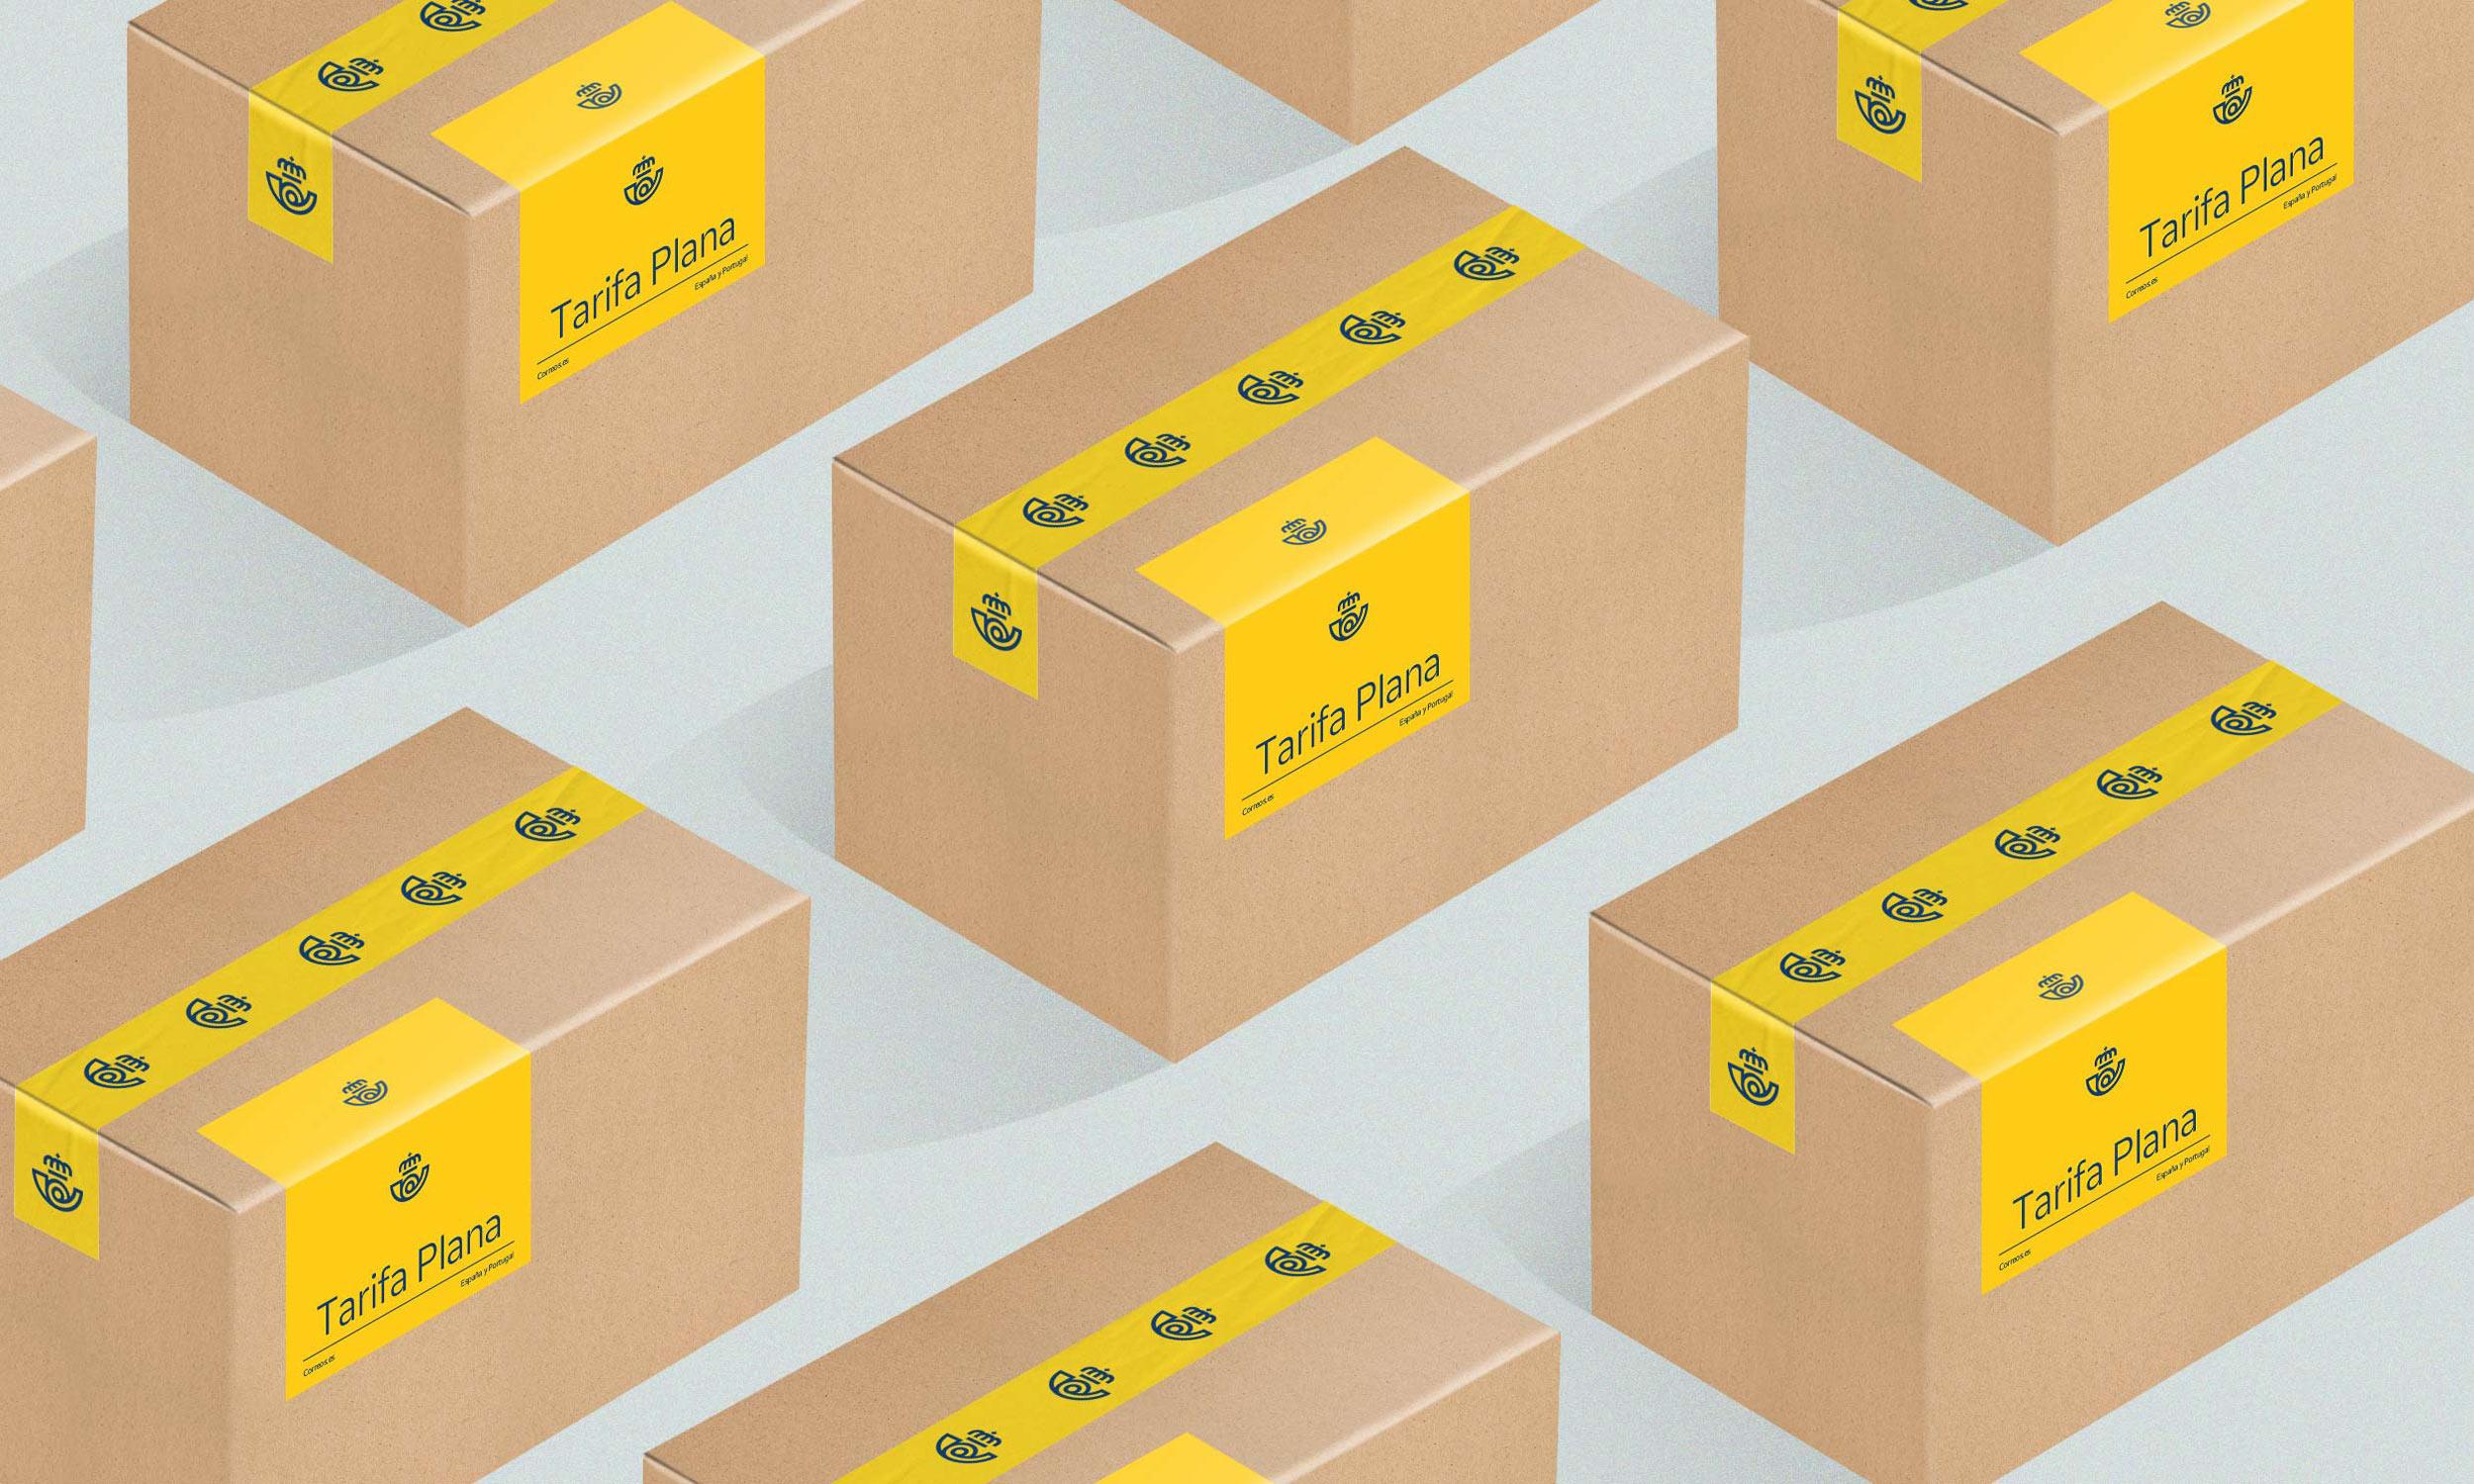 Cajas con la etiqueta de correos